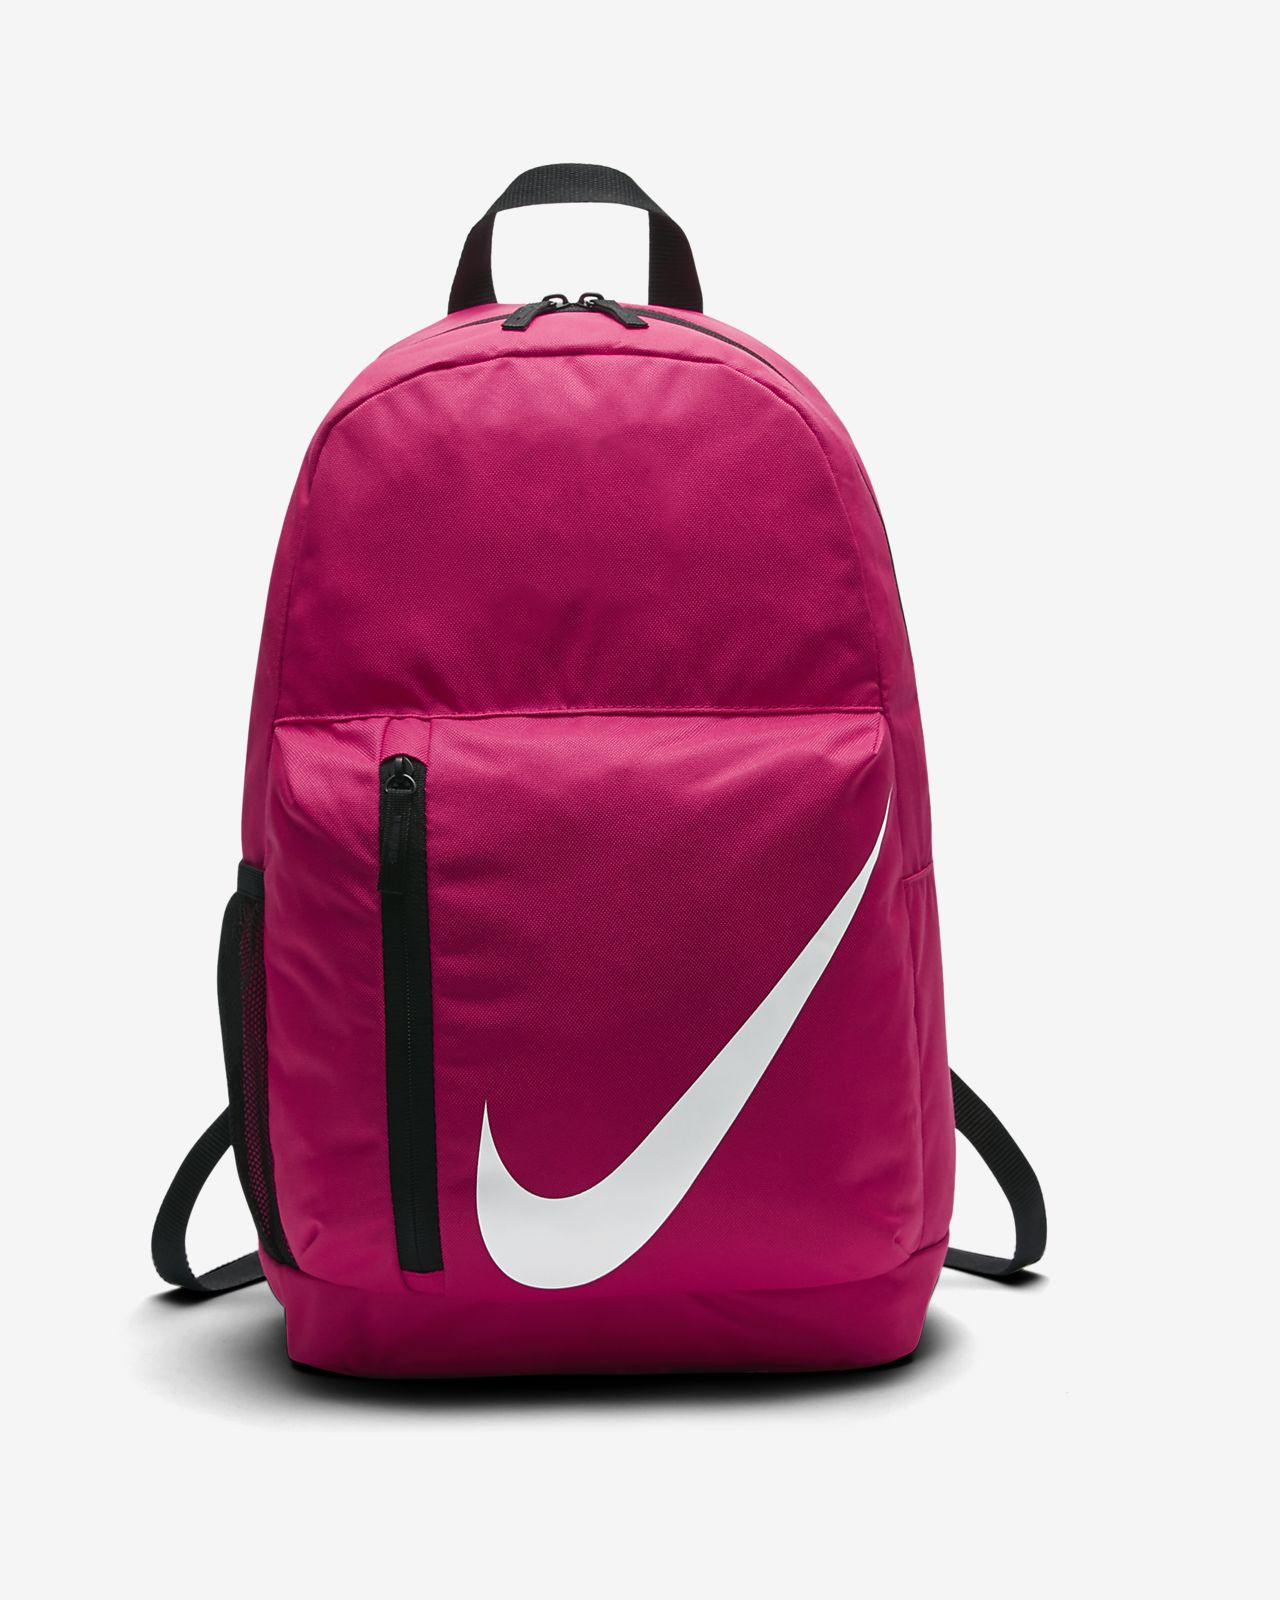 Nike Sac à dos Elemental Backpack yBx4LZJG